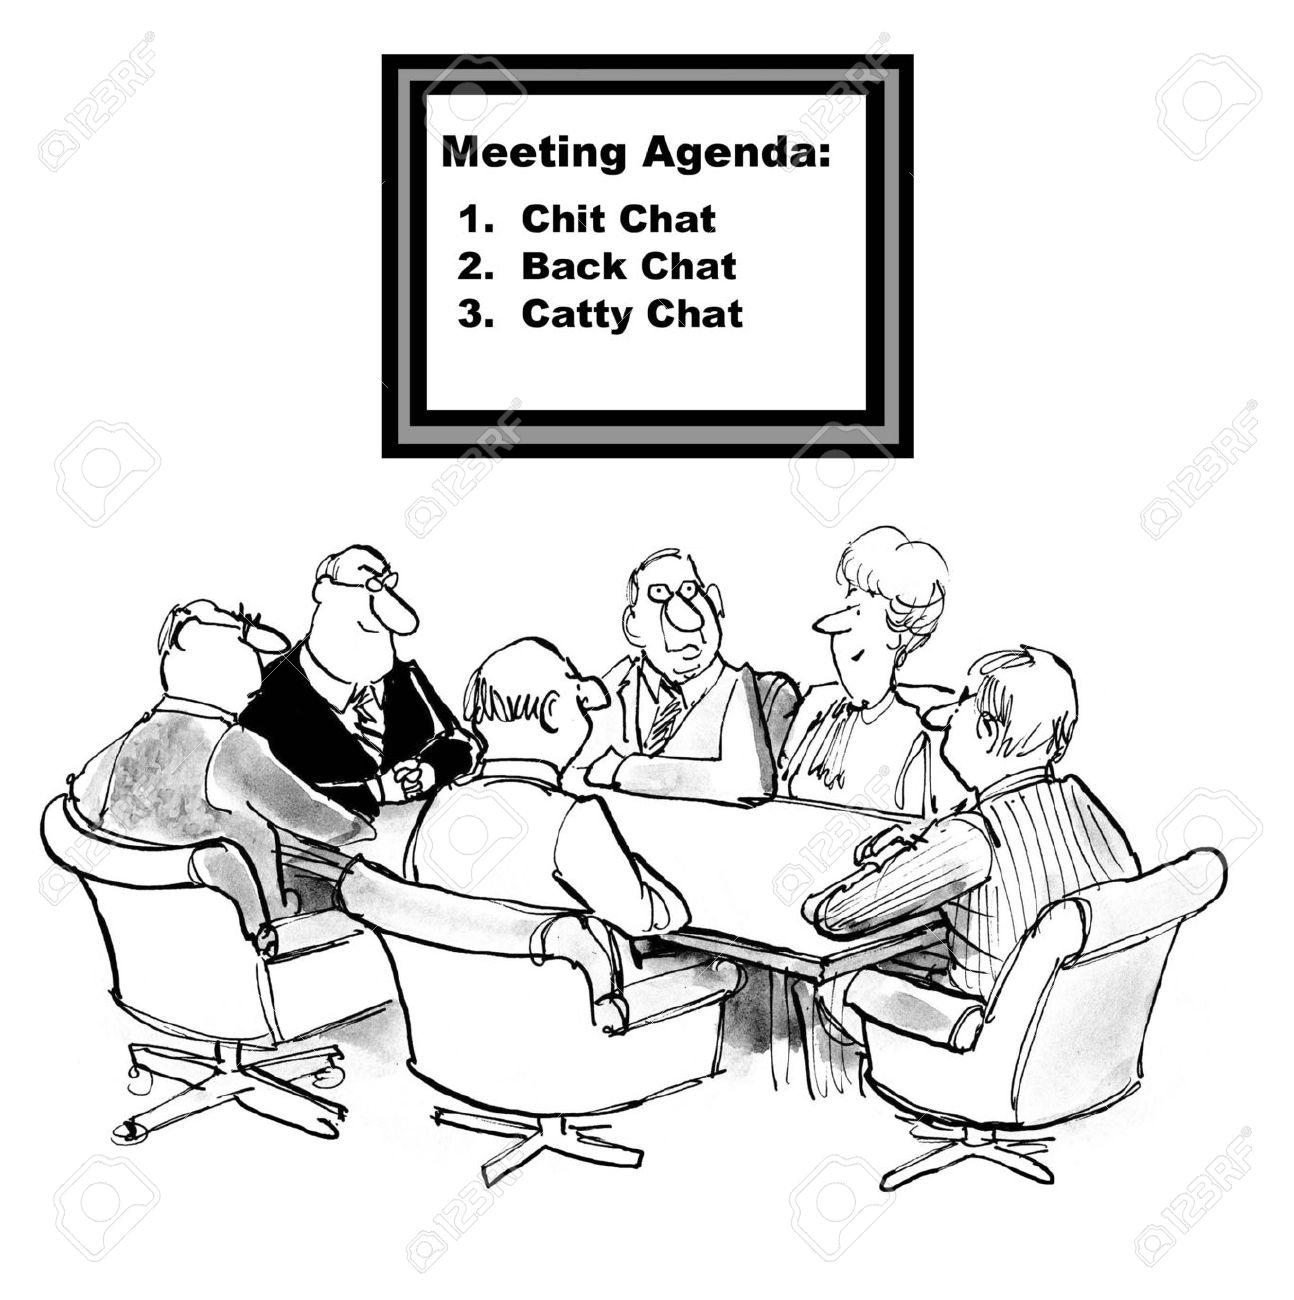 team agenda